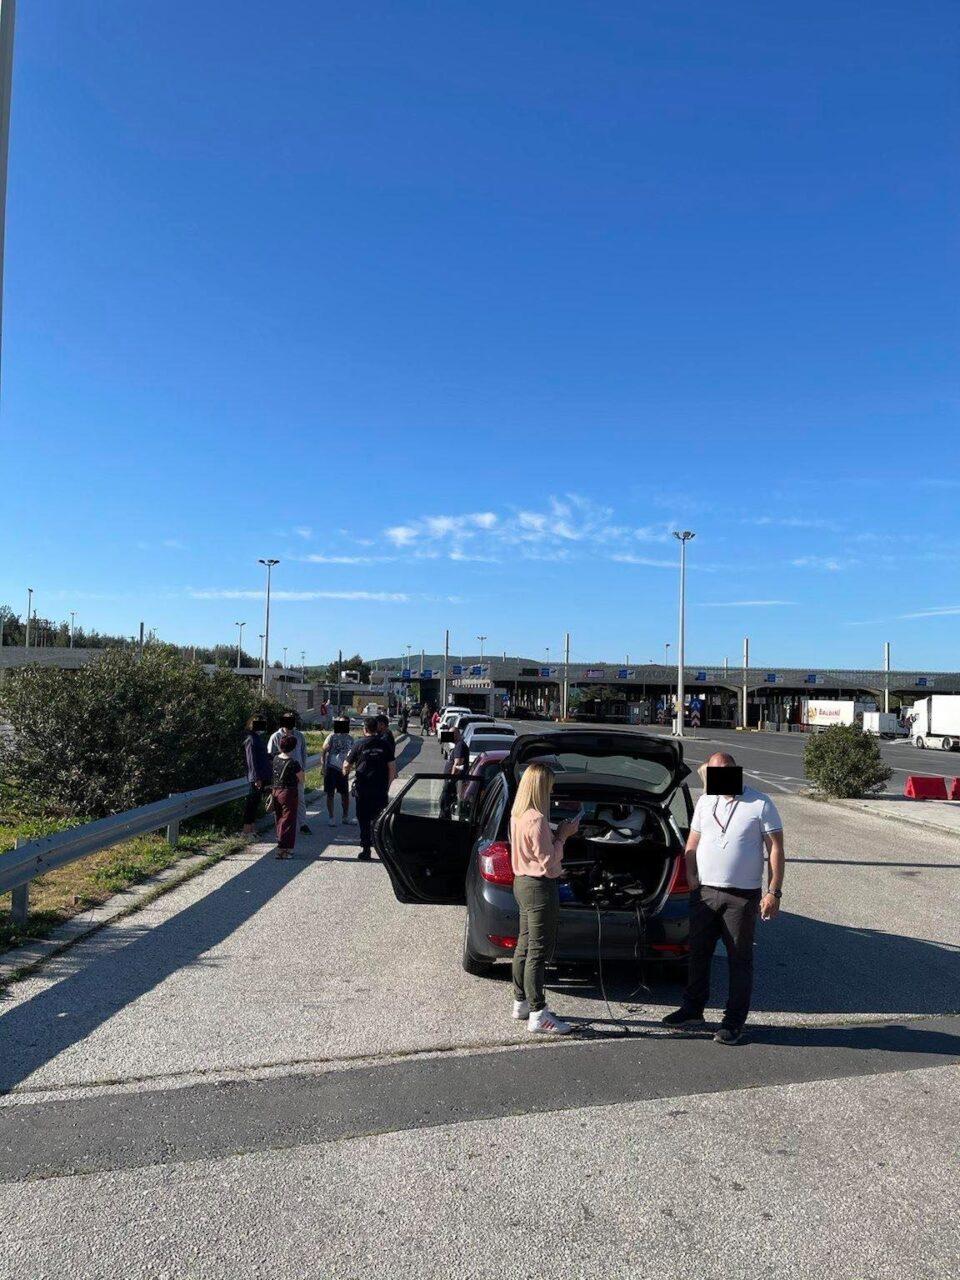 Евзони се полни со незадоволни туристи: Се уште не е дозволен влез во Грција за македонските граѓани